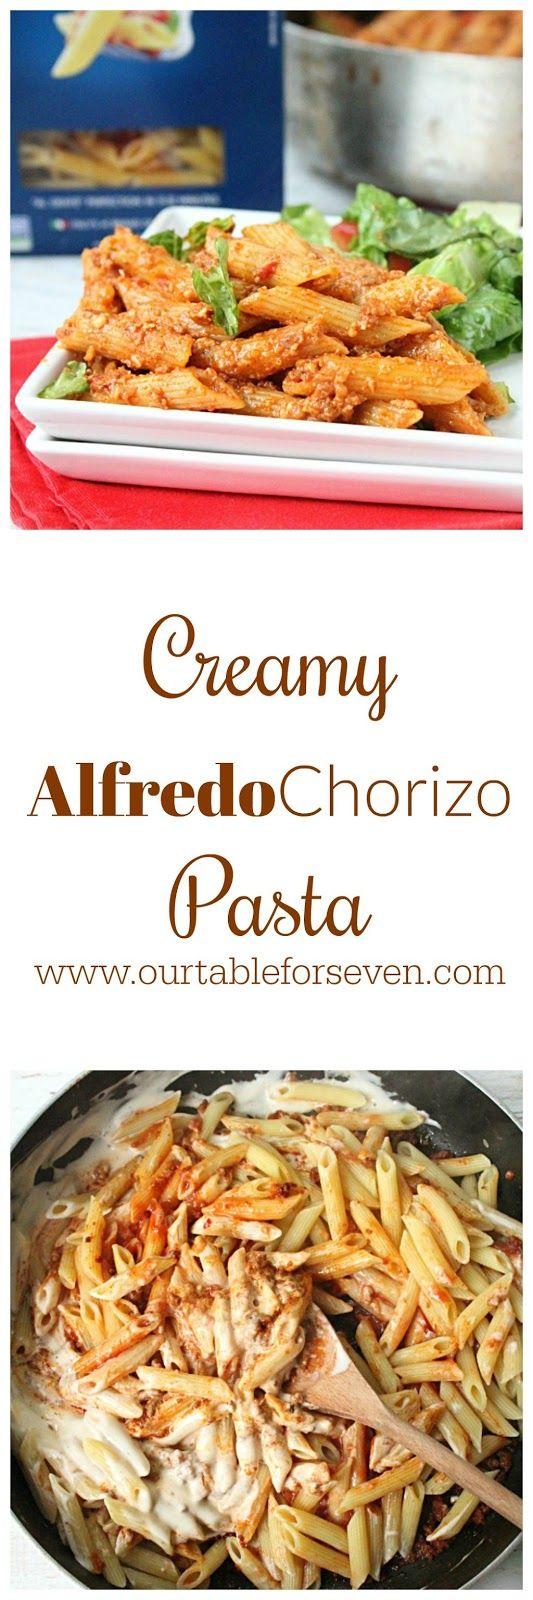 Creamy Alfredo Chorizo Pasta from Table for Seven #BarillaFusion #Ad